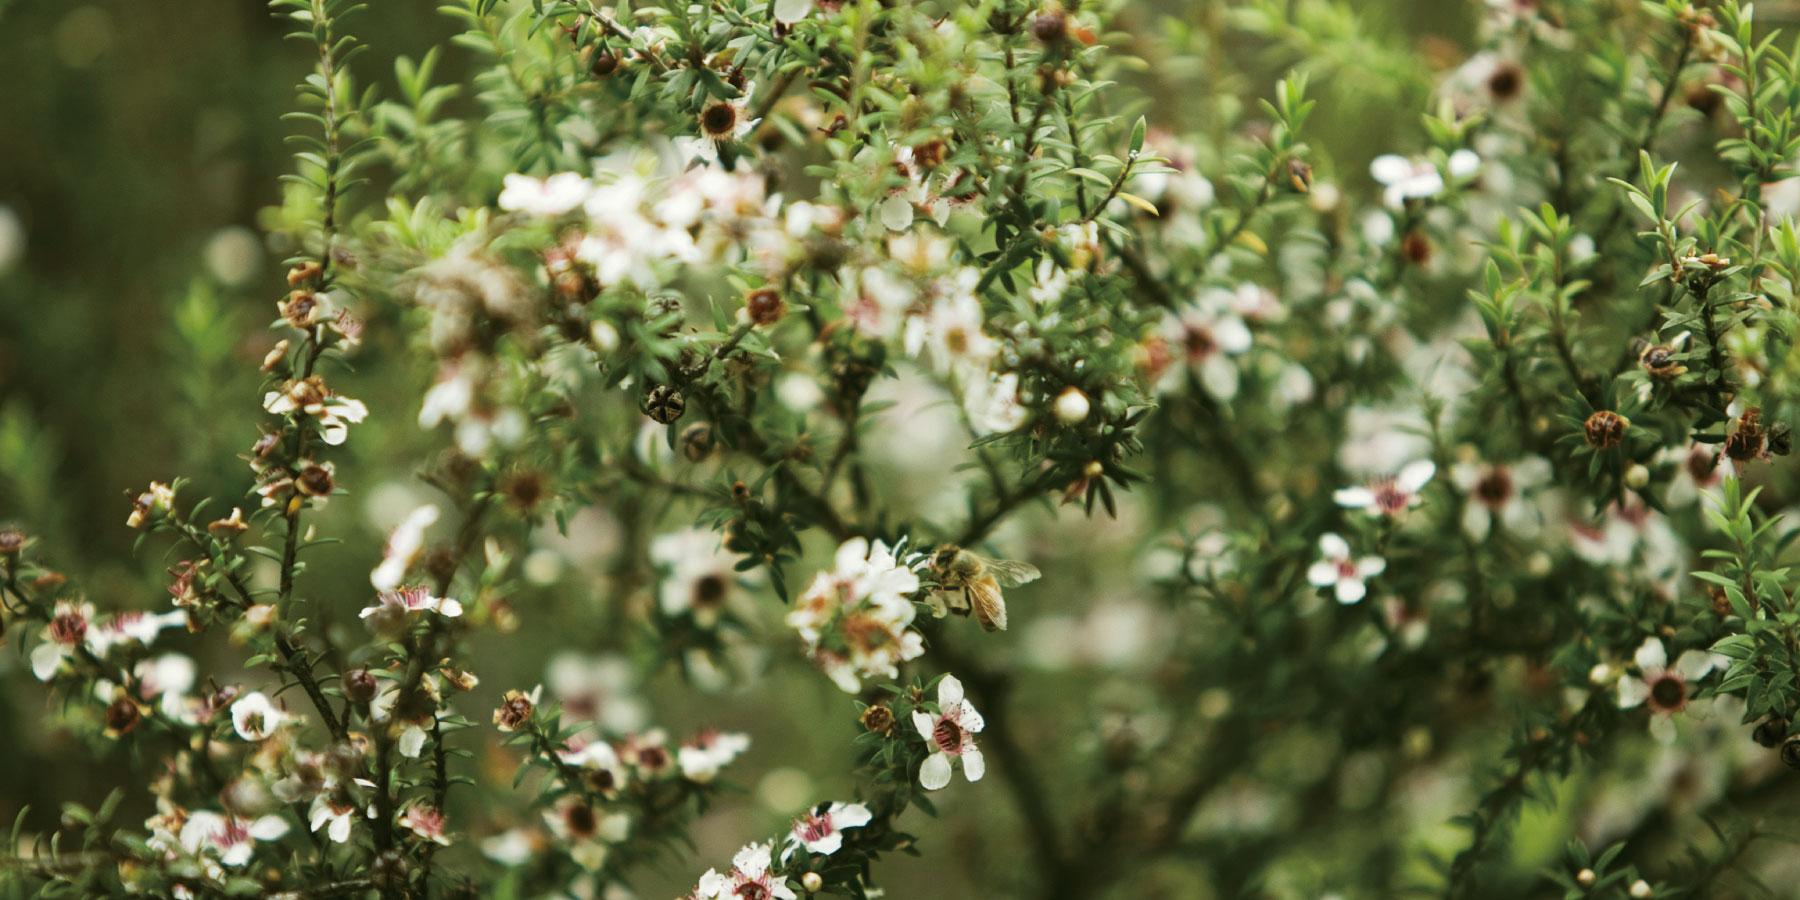 マヌカの花イメージ